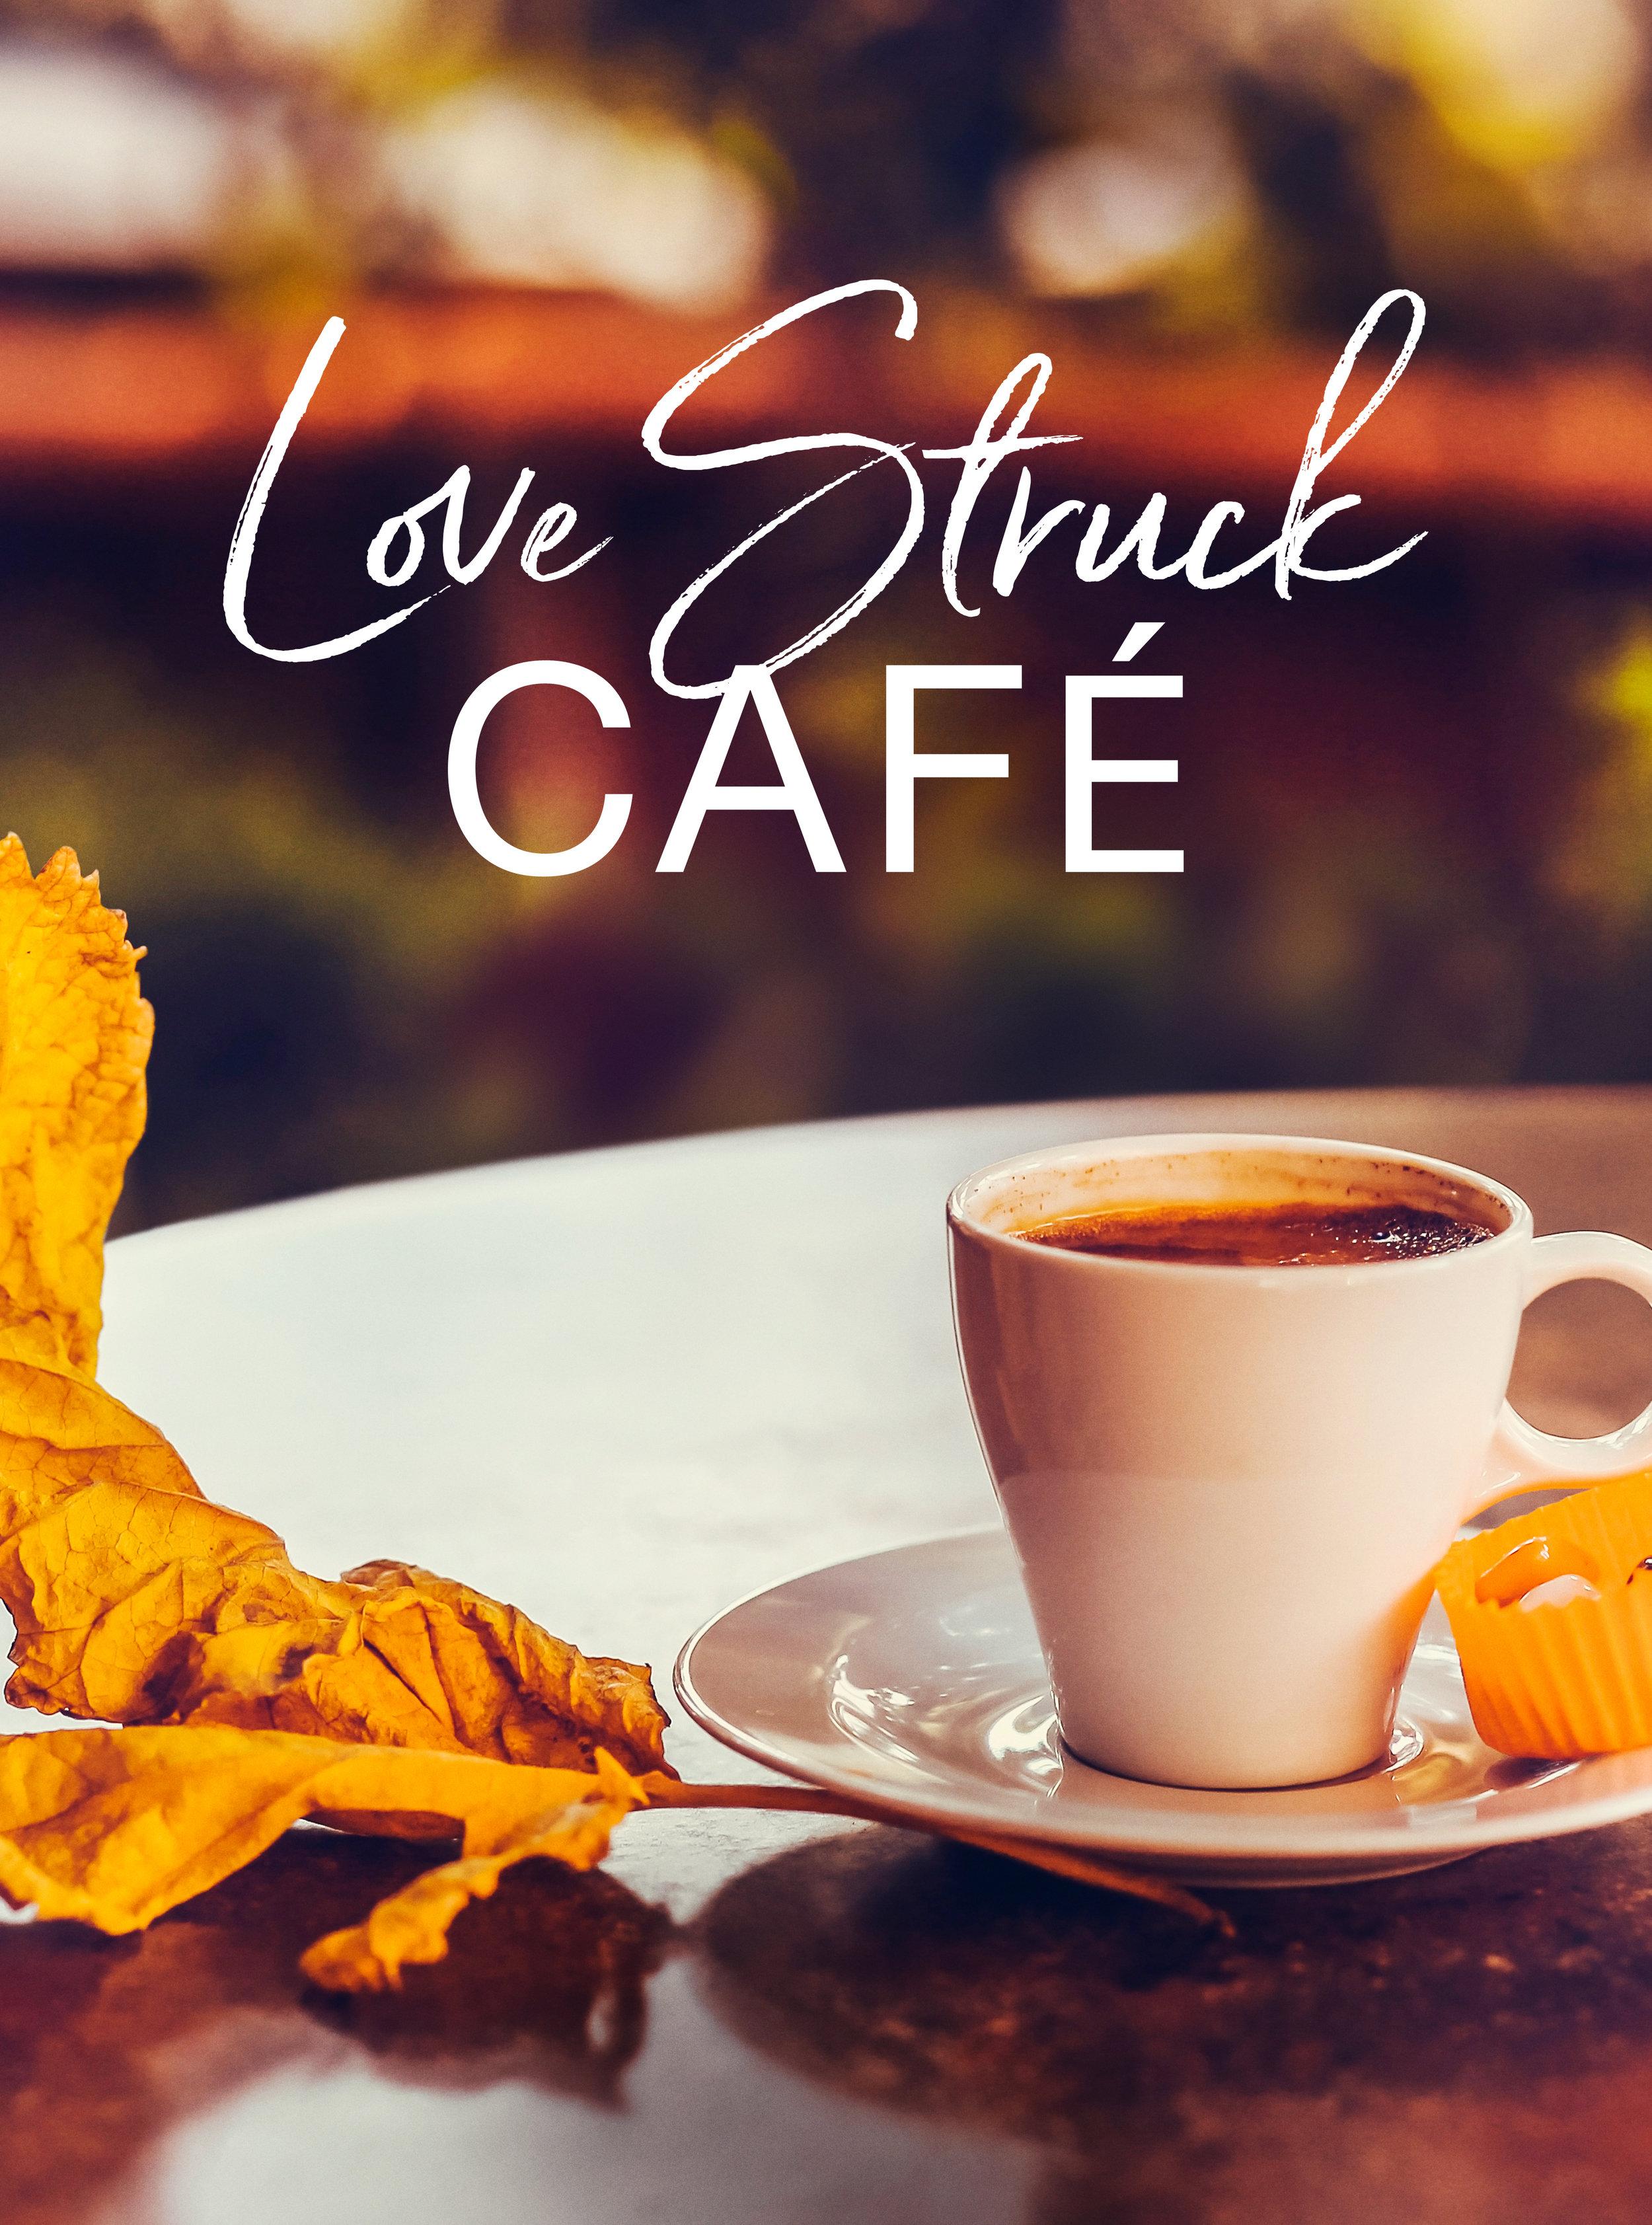 LoveStruckCafe_FKA.jpg